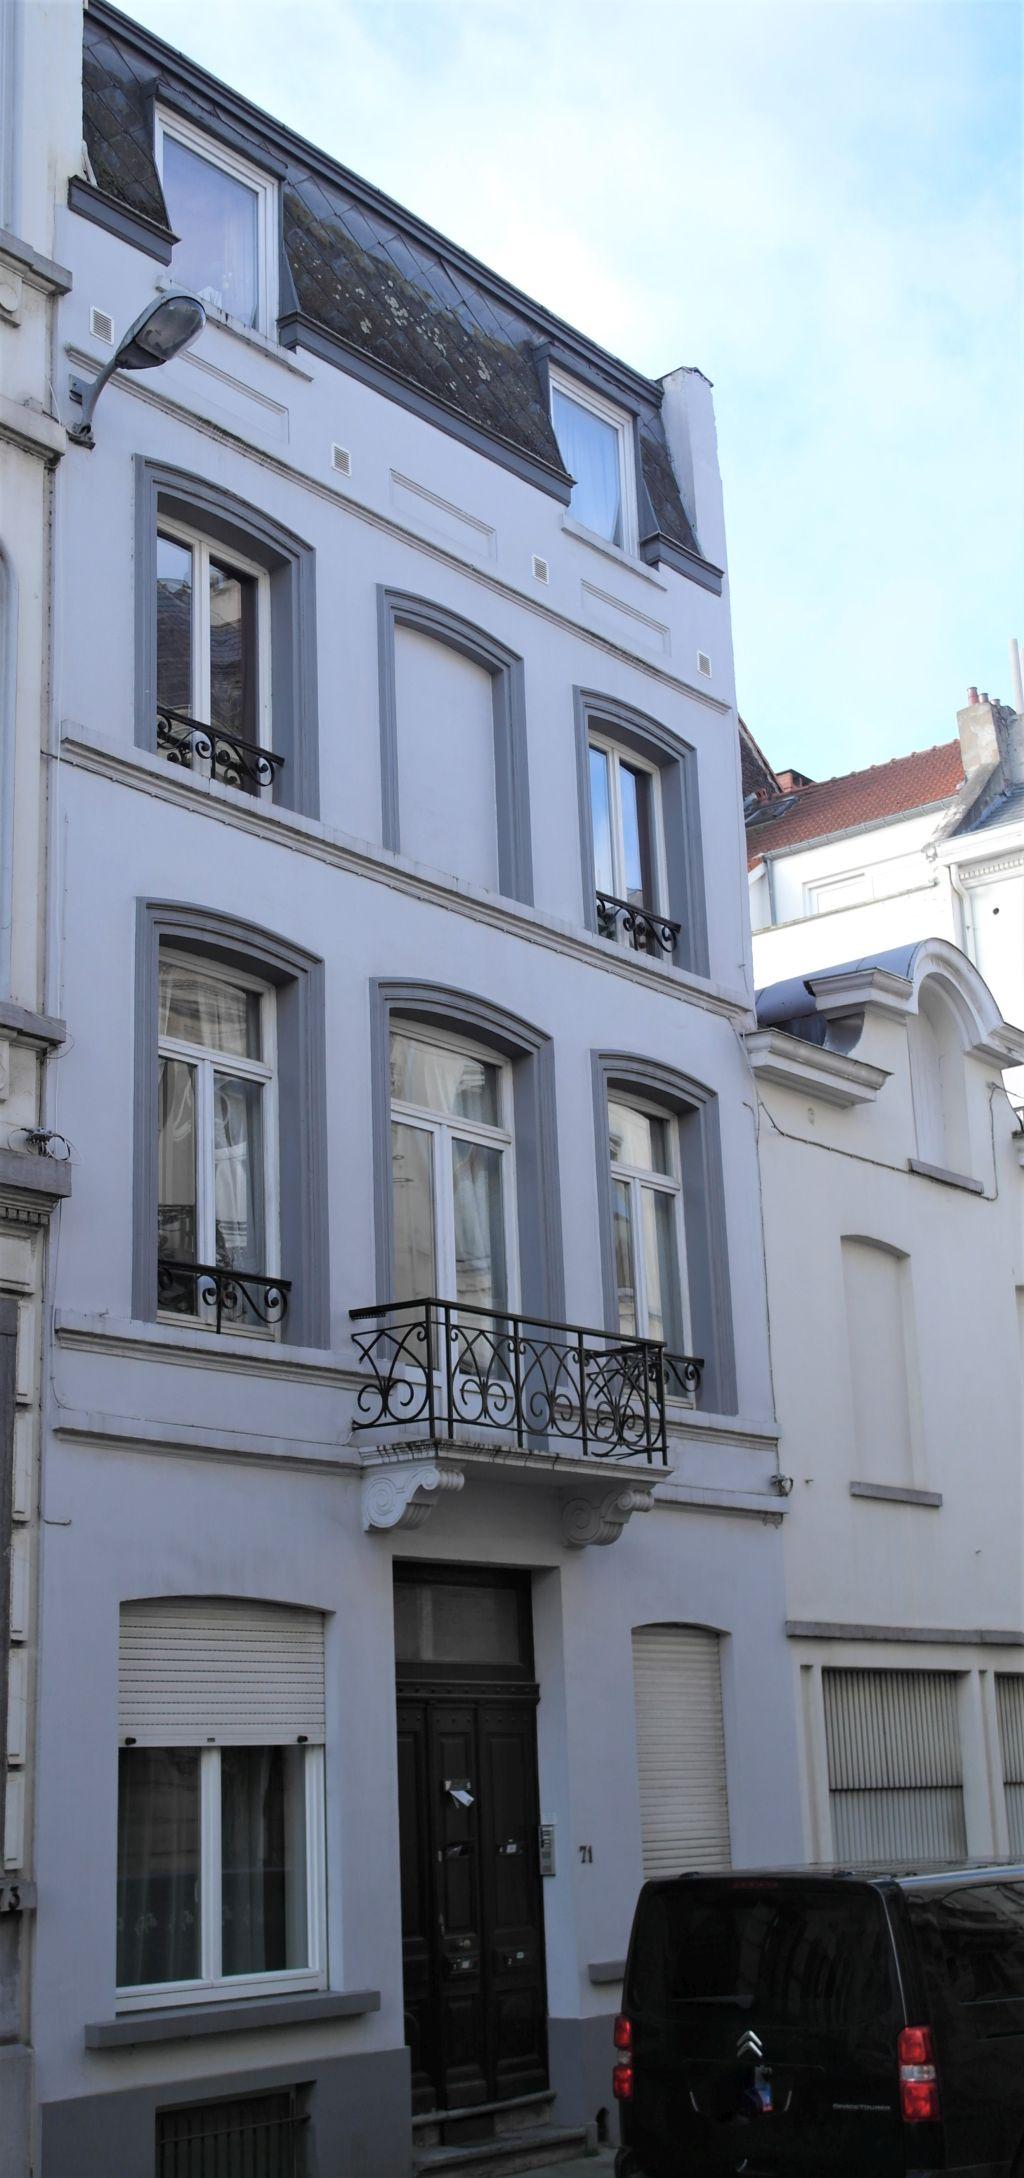 Rue du Marteau 71, 2020